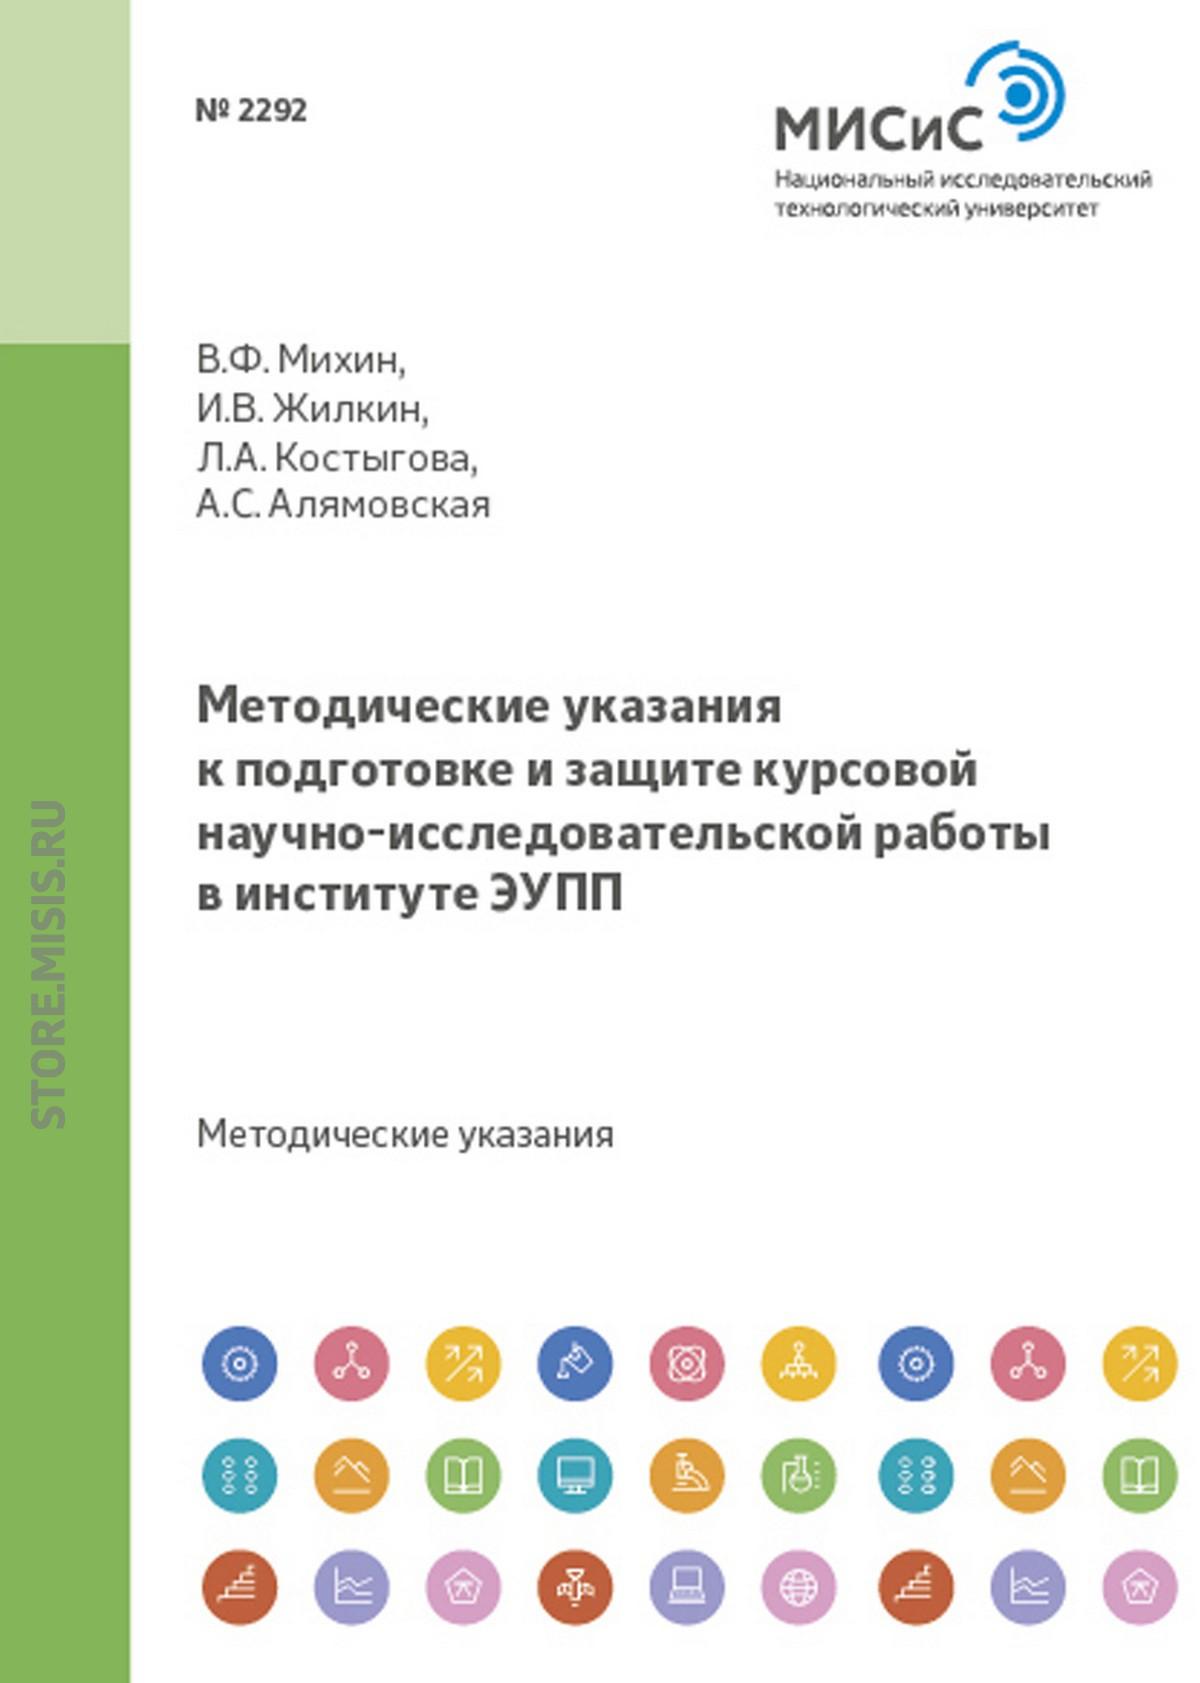 Владимир Михин Методические указания к подготовке и защите курсовой научно- исследовательской работы в институте ЭУПП презентации для исследовательской работы